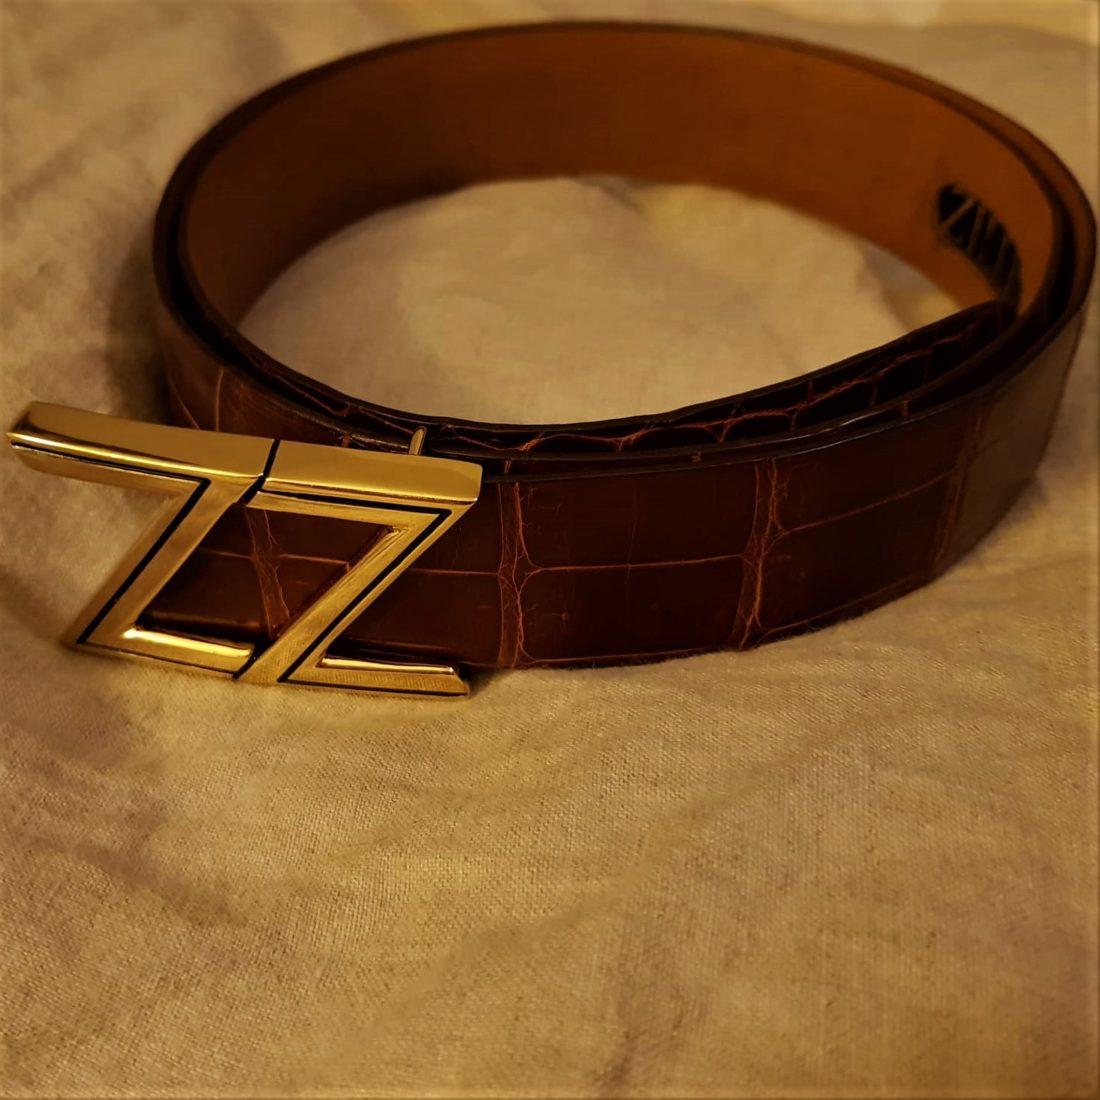 Одежда и аксессуары Zilli: информация для тех, кто хочет их продать